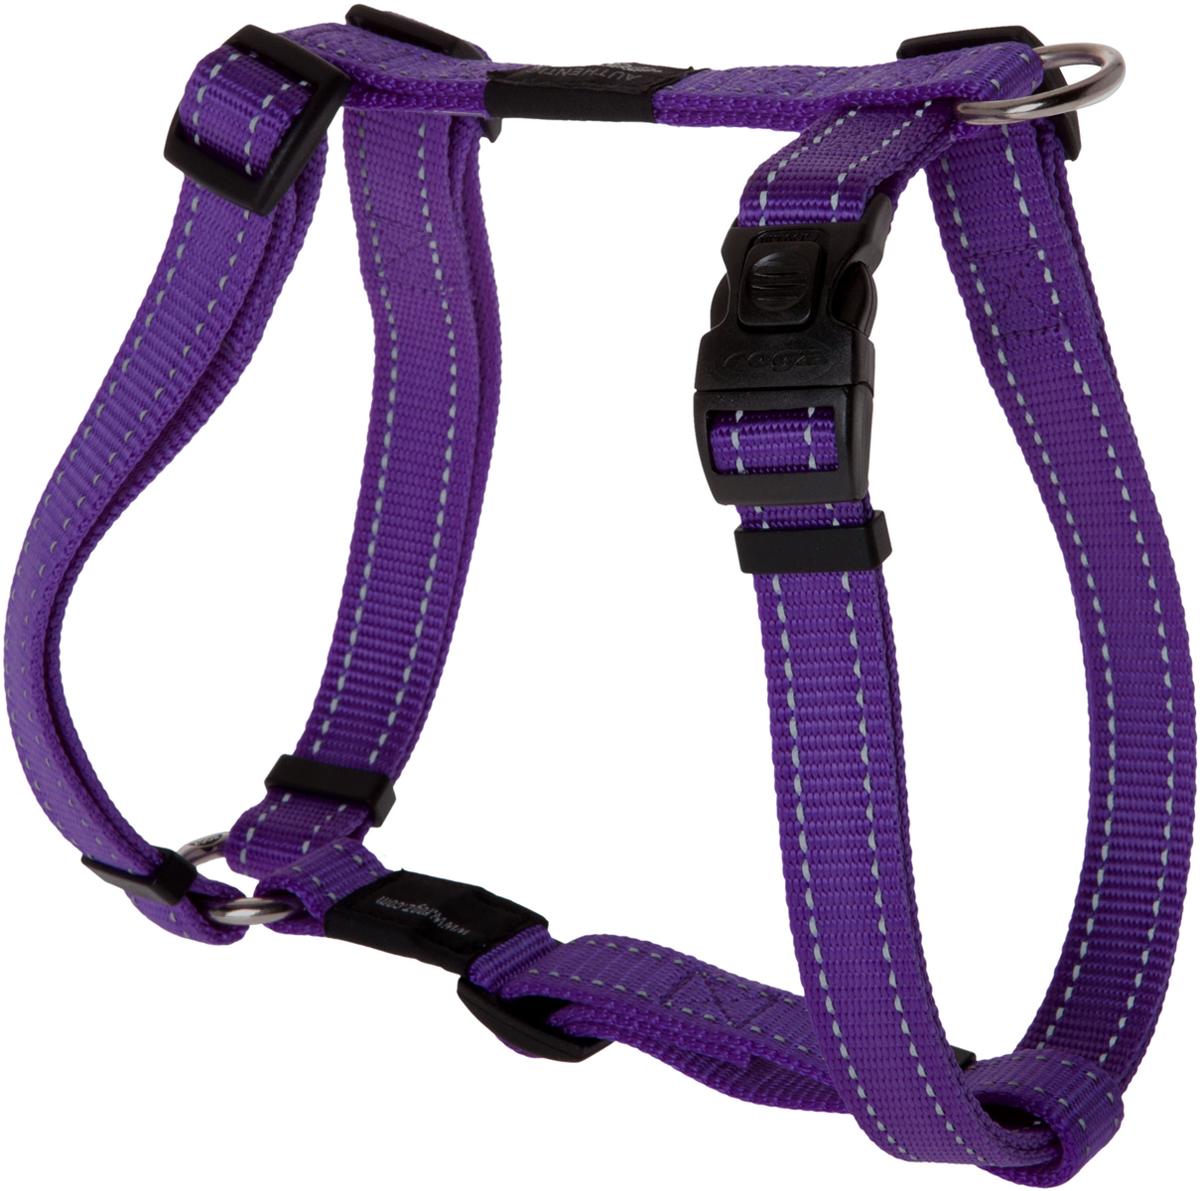 Шлейка для собак Rogz Utility, цвет: фиолетовый, ширина 2,5 см. Размер XLSJ05EШлейка для собак Rogz Utility со светоотражающей нитью, вплетенной в нейлоновую ленту, обеспечивает лучшую видимость собаки в темное время суток. Специальная конструкция пряжки Rog Loc - очень крепкая (система Fort Knox). Замок может быть расстегнут только рукой человека. Технология распределения нагрузки позволяет снизить нагрузку на пряжки, изготовленные из титанового пластика, с помощью правильного и разумного расположения грузовых колец, благодаря чему, даже при самых сильных рывках, изделие не рвется и не деформируется.Выполненные специально по заказу ROGZ литые кольца гальванически хромированы, что позволяет избежать коррозии и потускнения изделия.